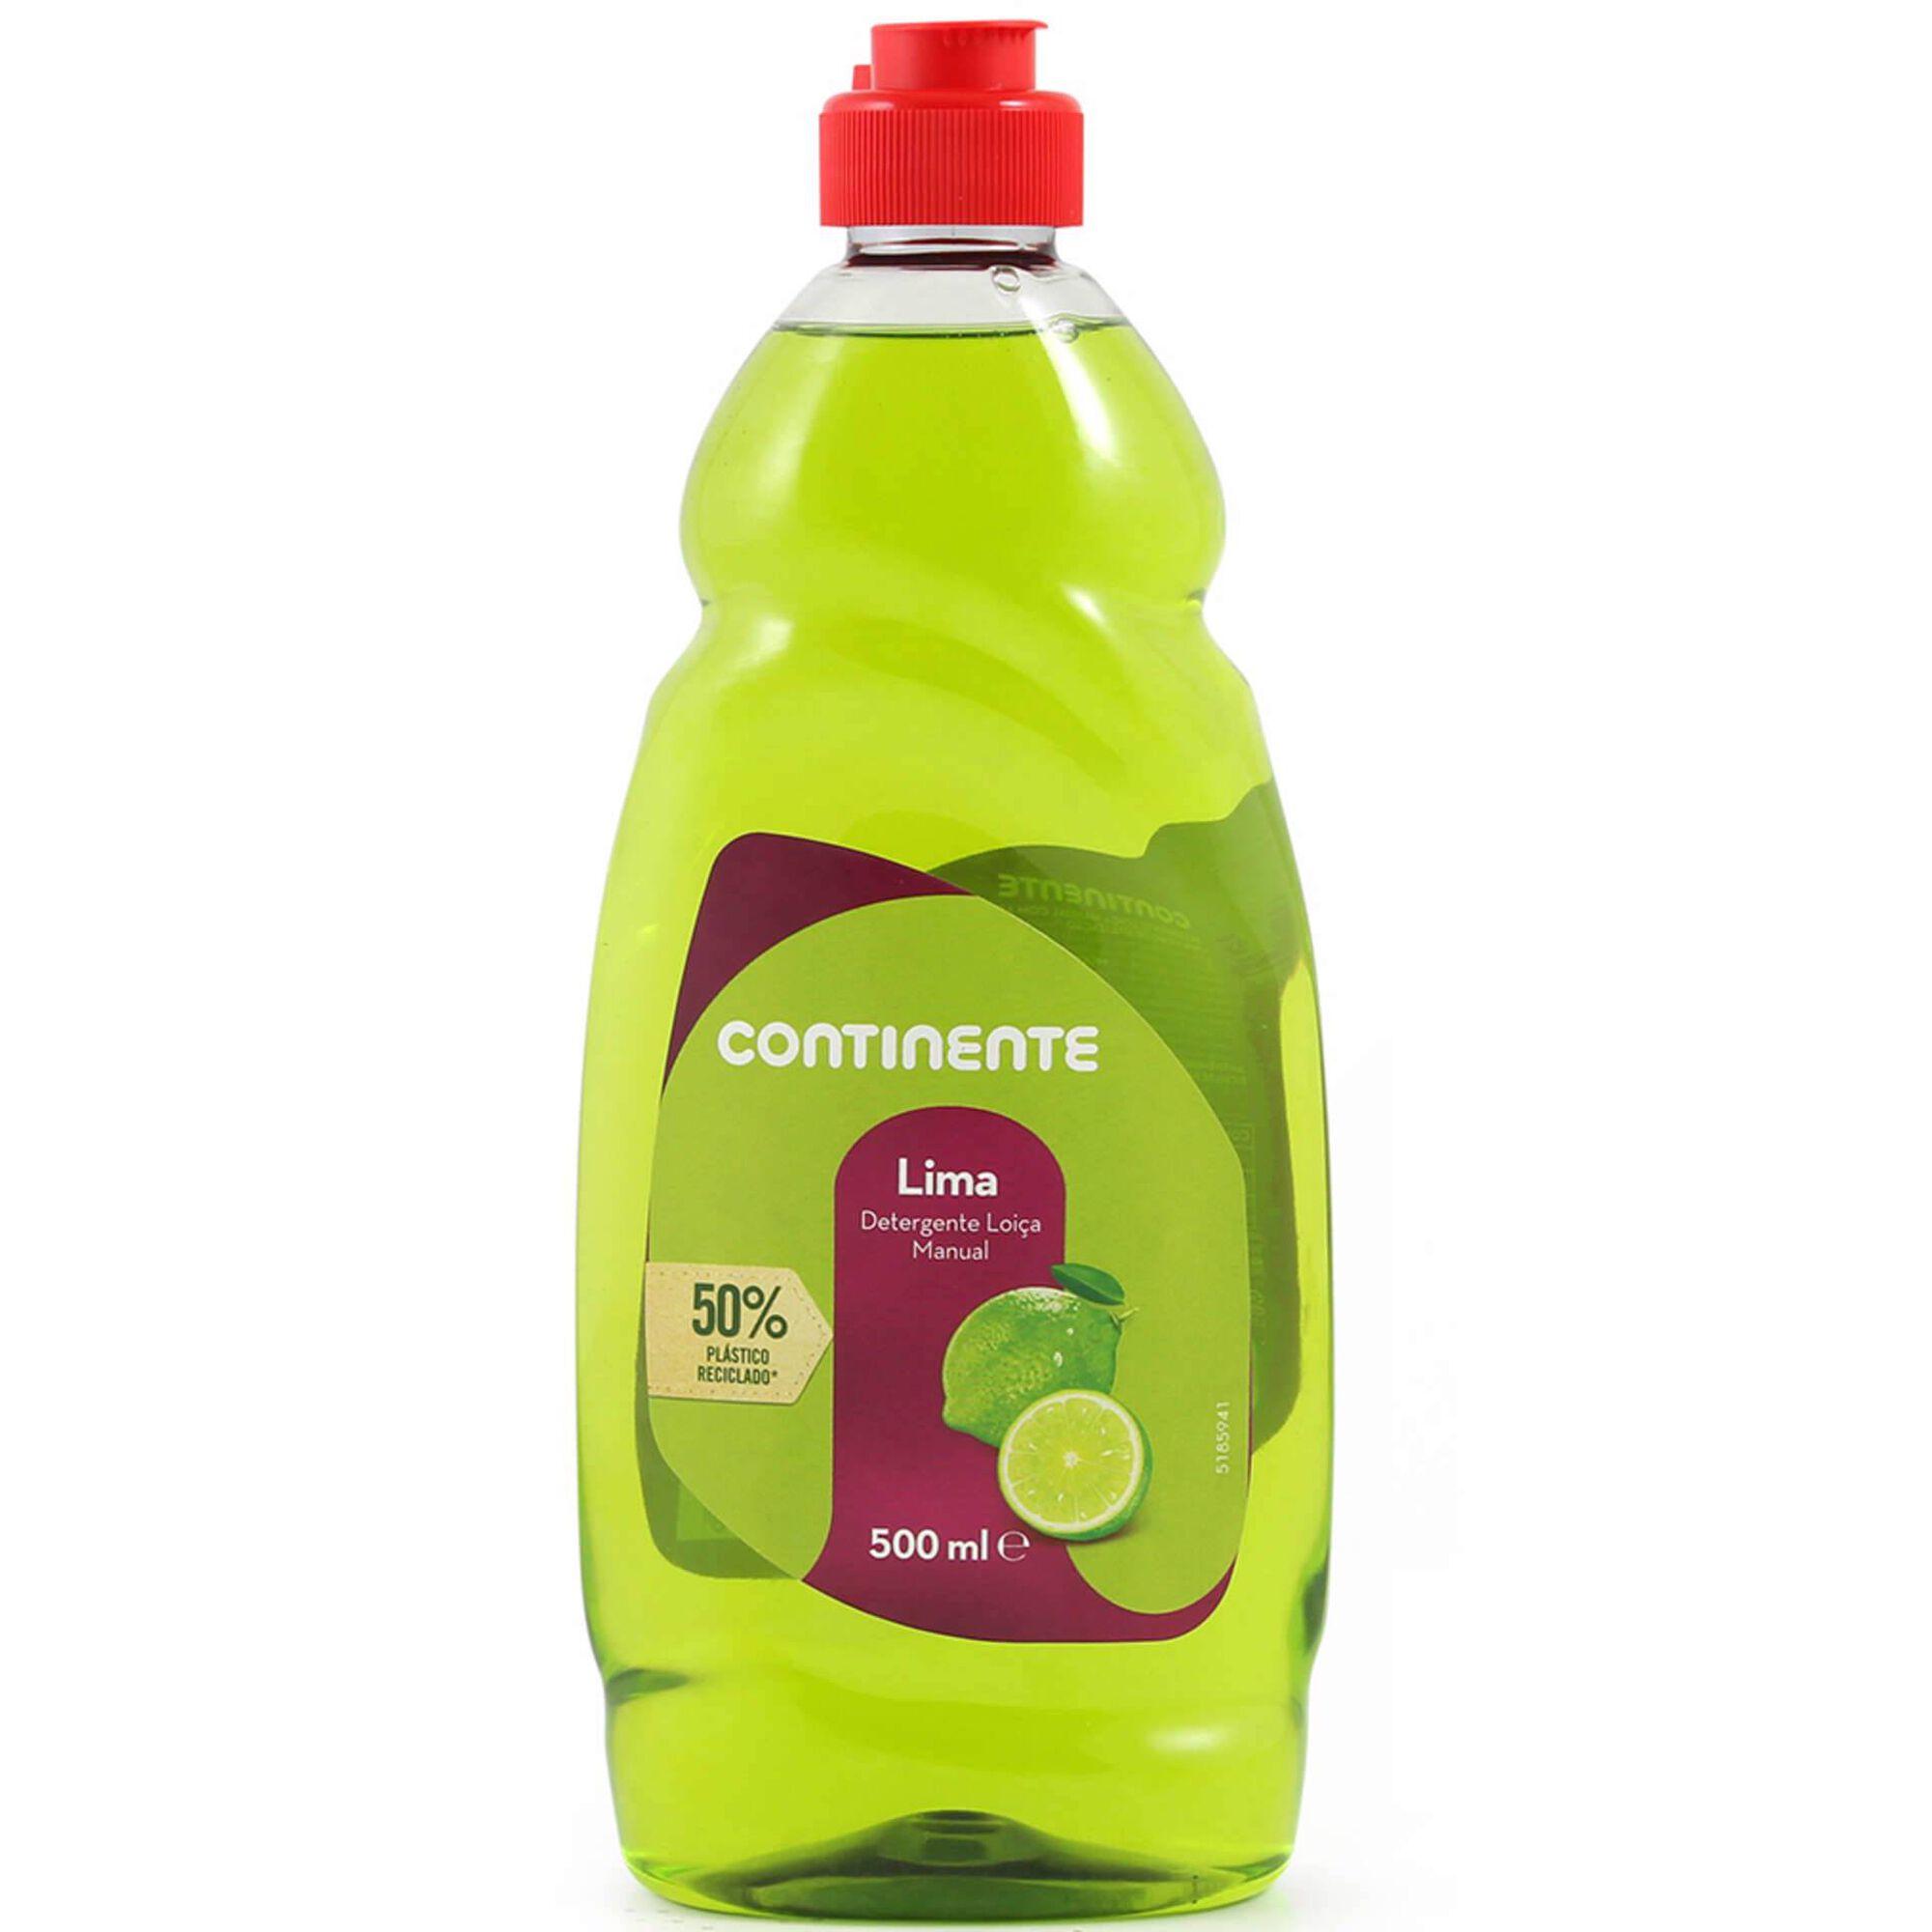 Detergente Manual Loiça Concentrado Lima